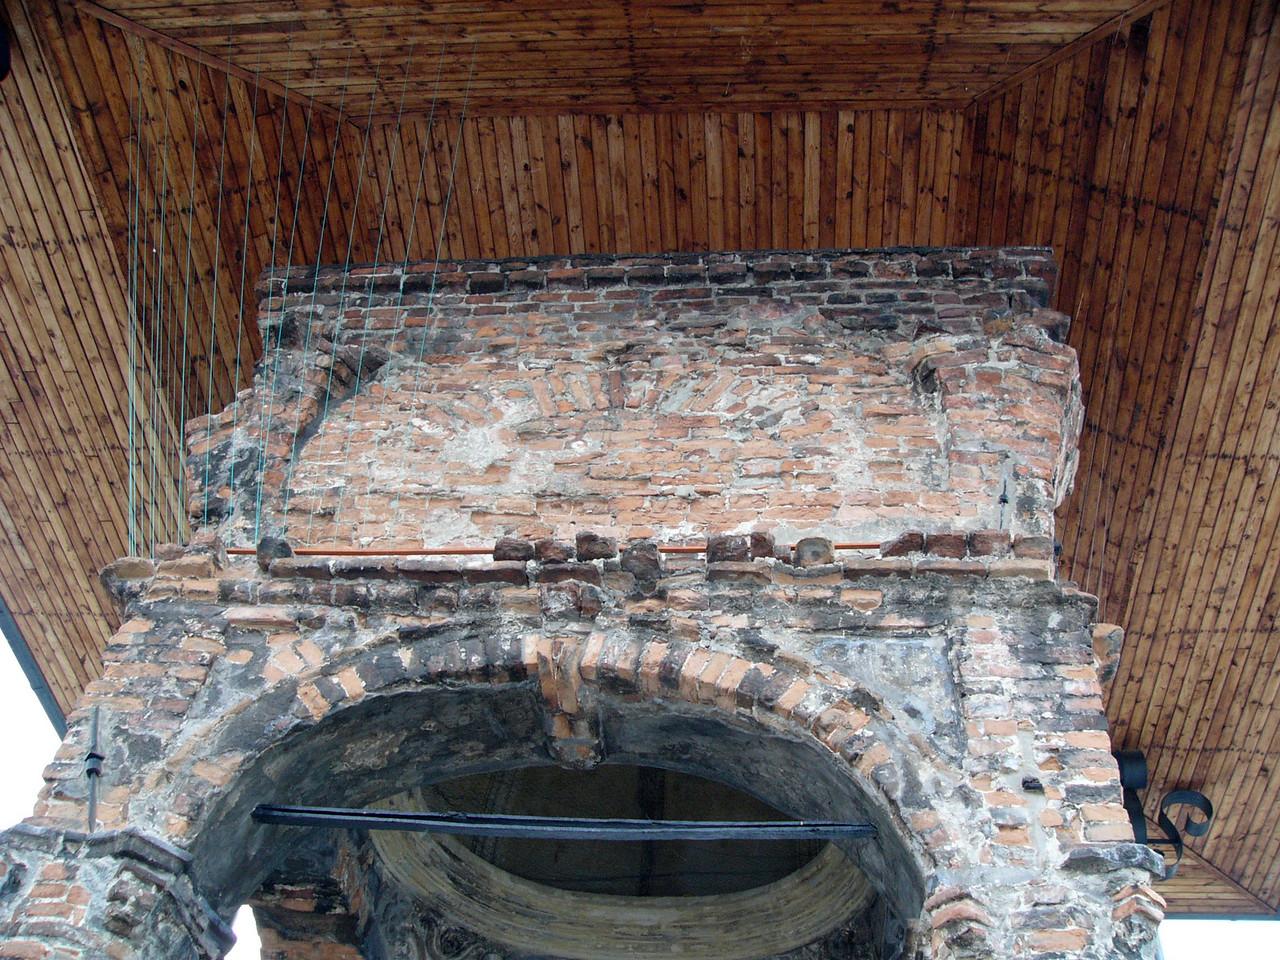 Detail, looking up at the bimah, Old Synagogue ruins, Tarnow